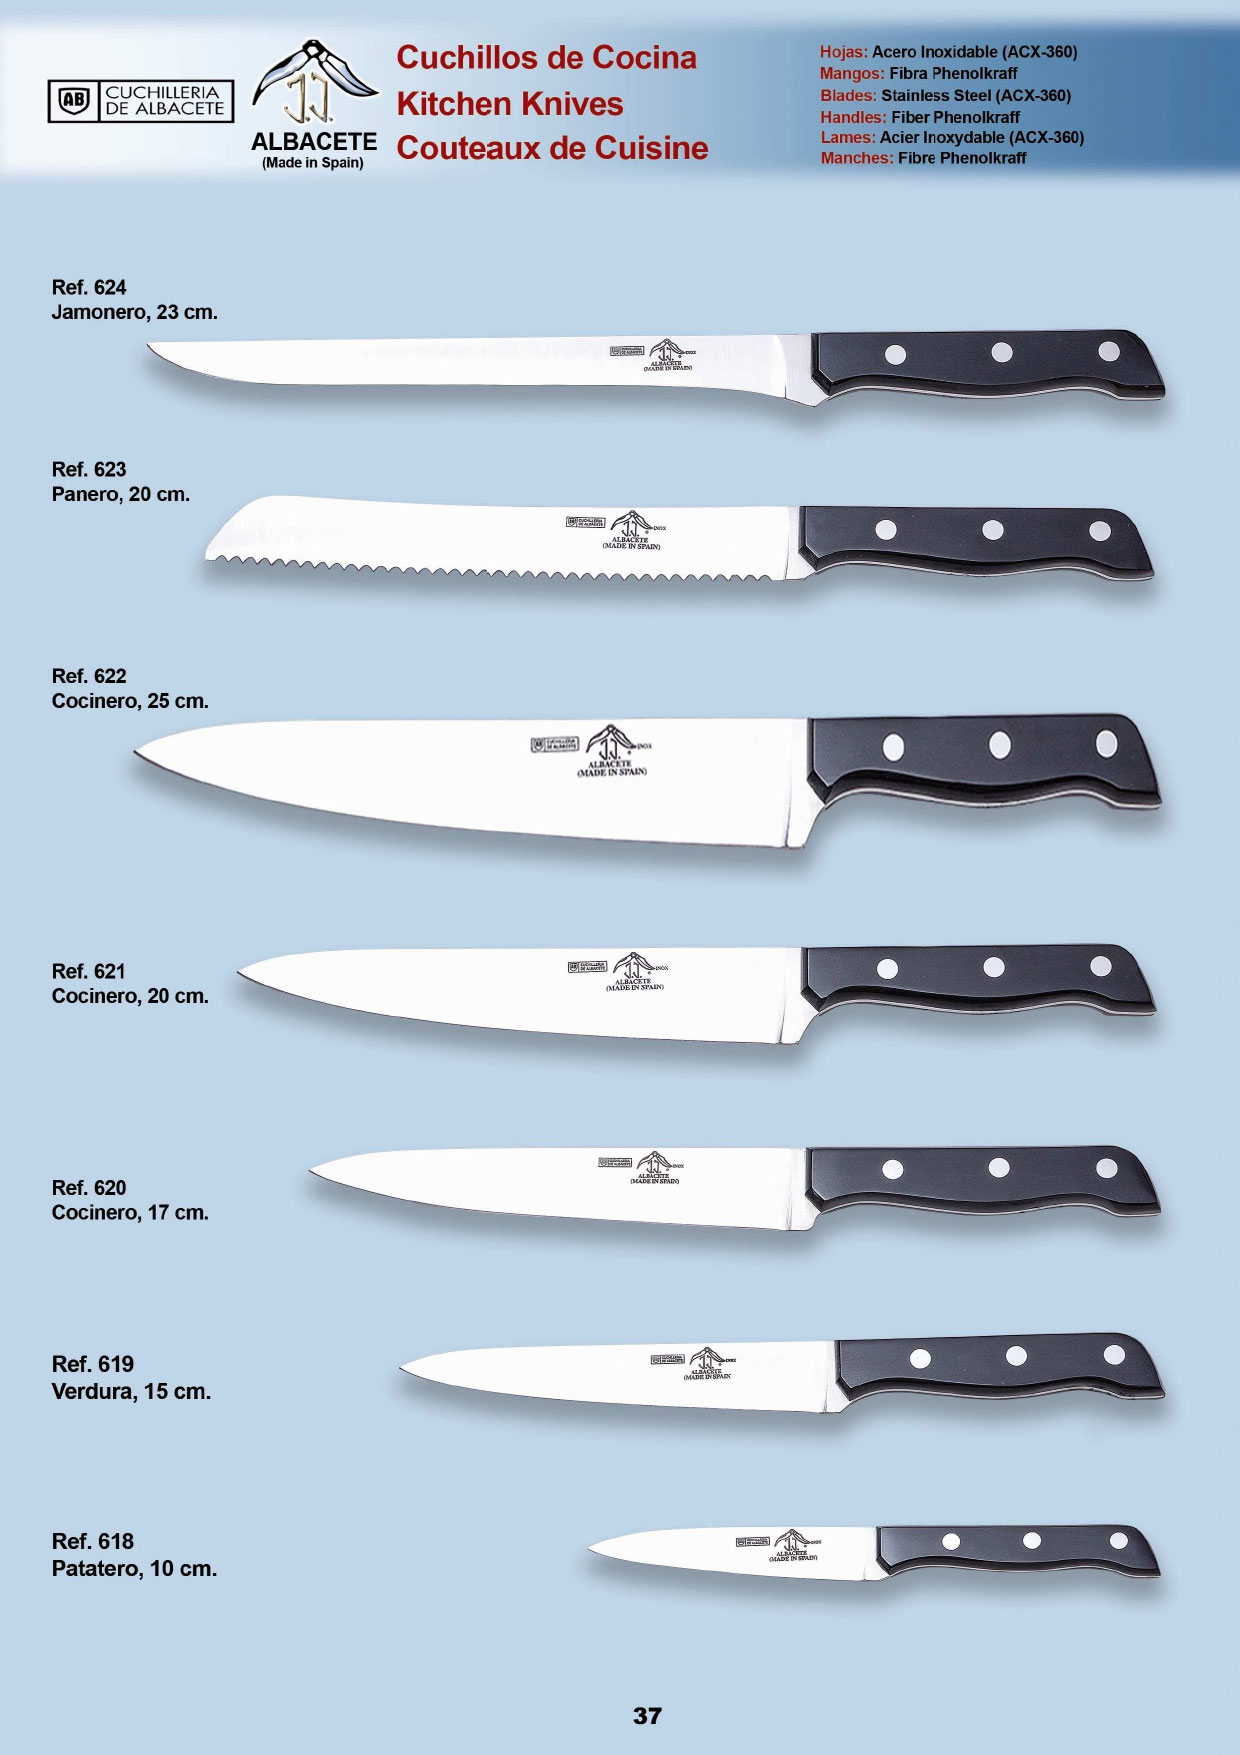 Menaje cocina cuchillos cocina cuchillos cocina 3 jj for Cuchillos de cocina